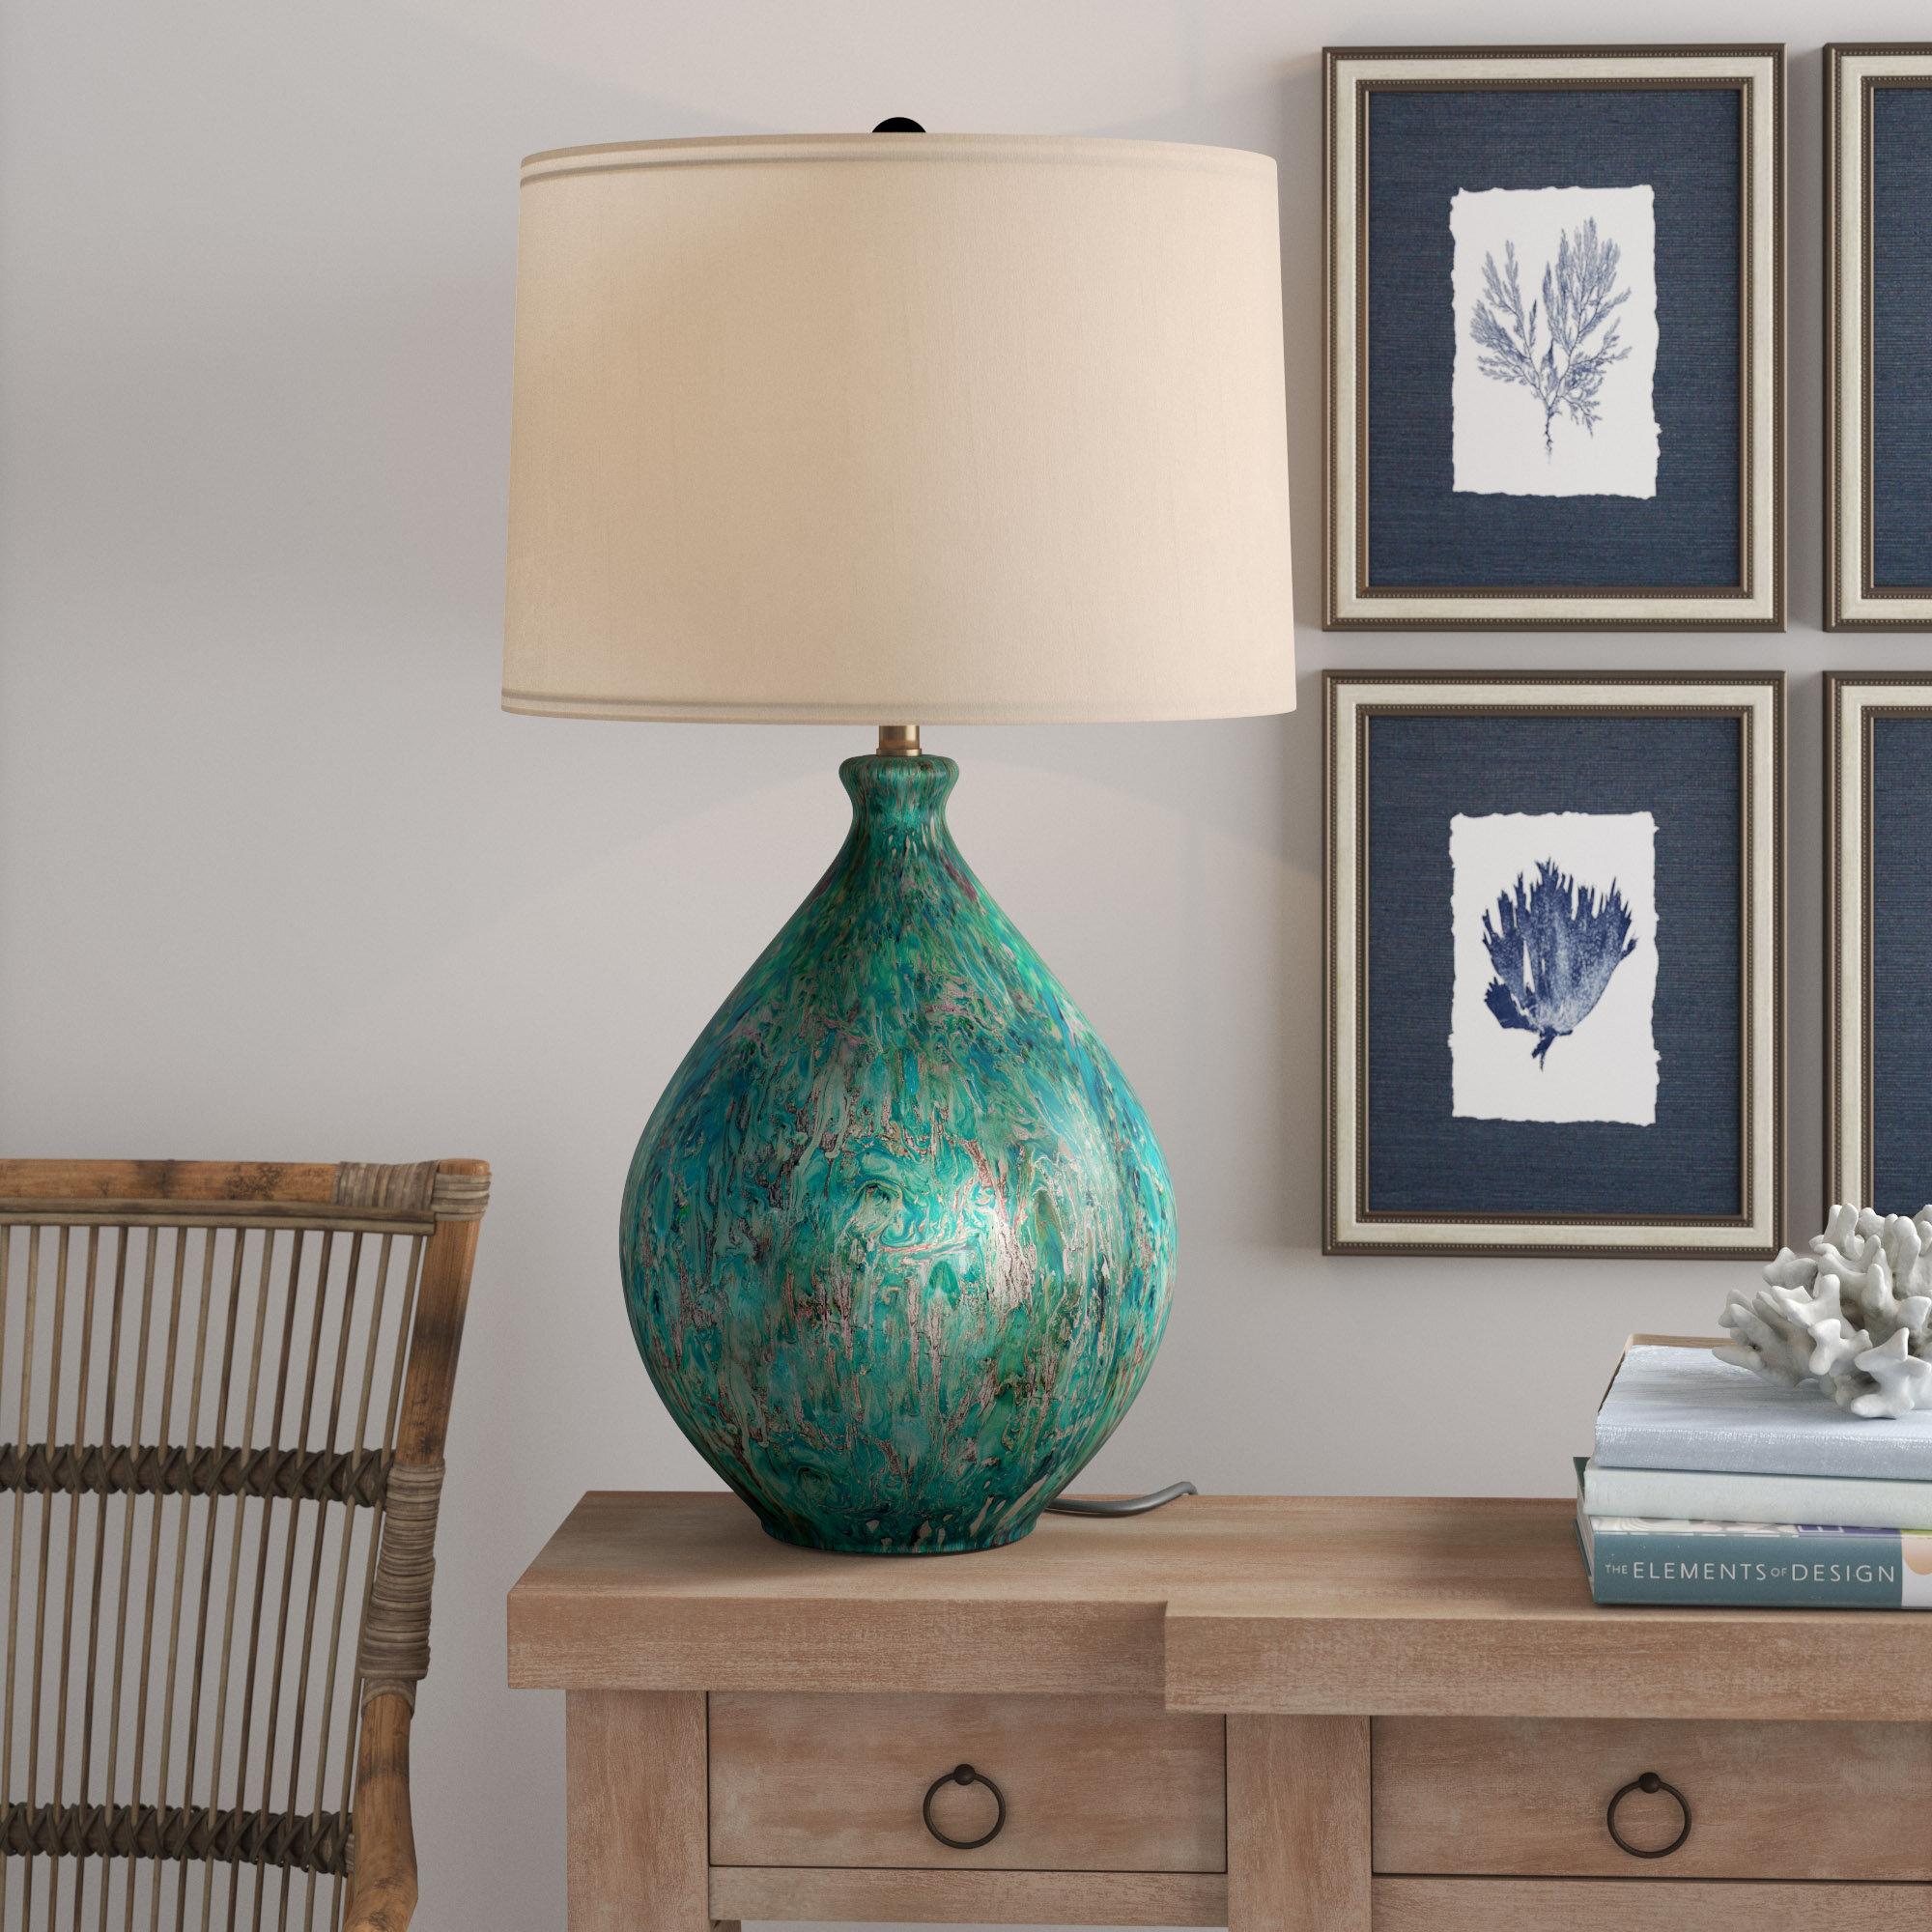 Longshore tides aalin 31 table lamp reviews wayfair